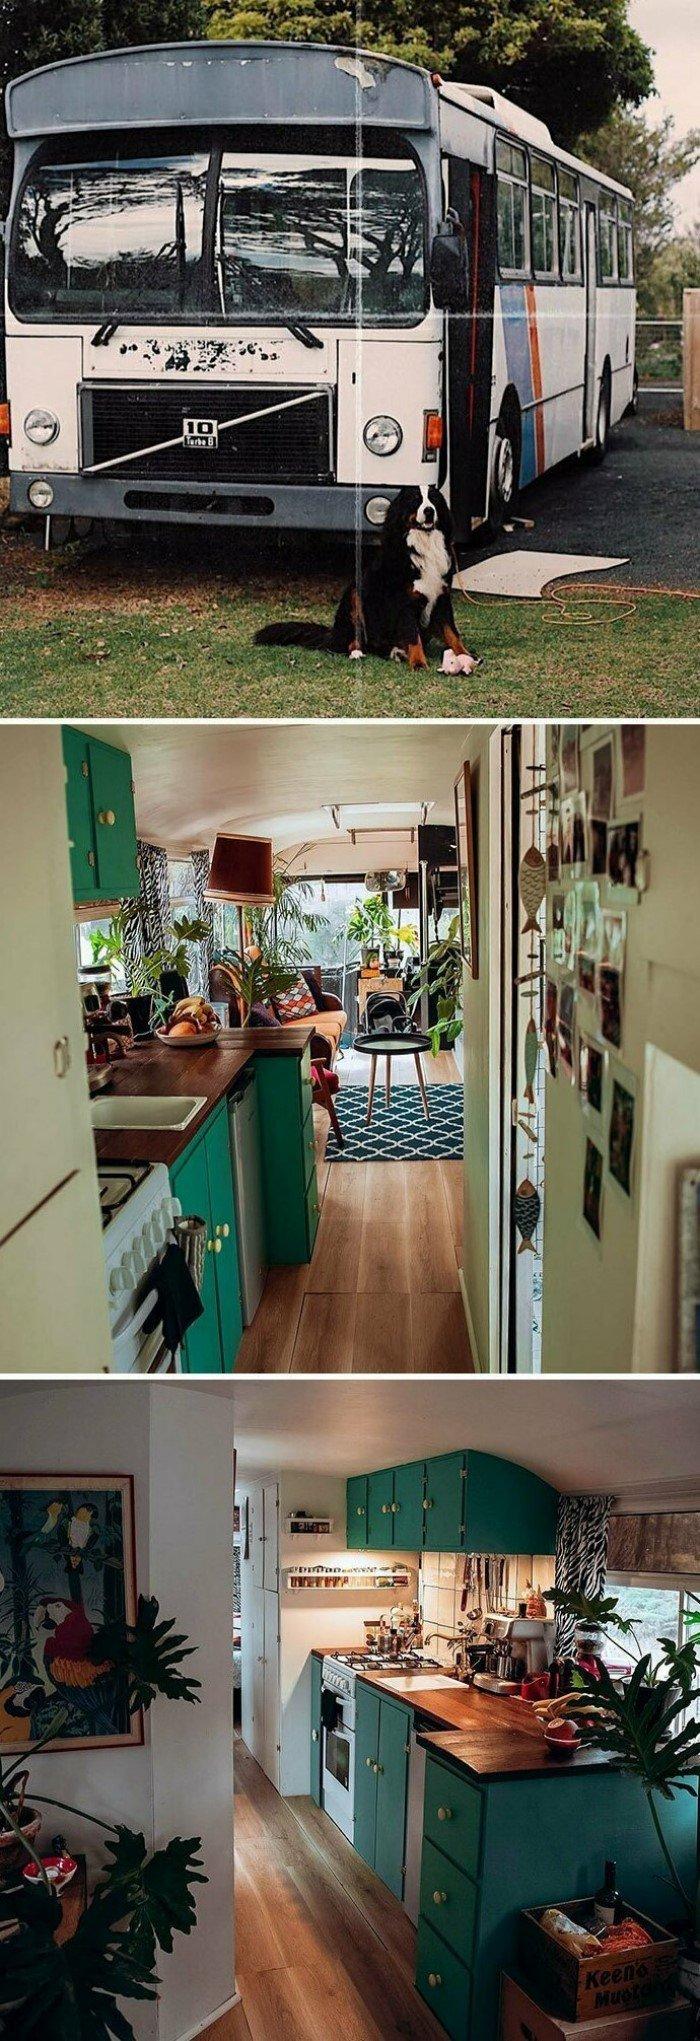 Эти дома на колесах поуютнее многих квартир!